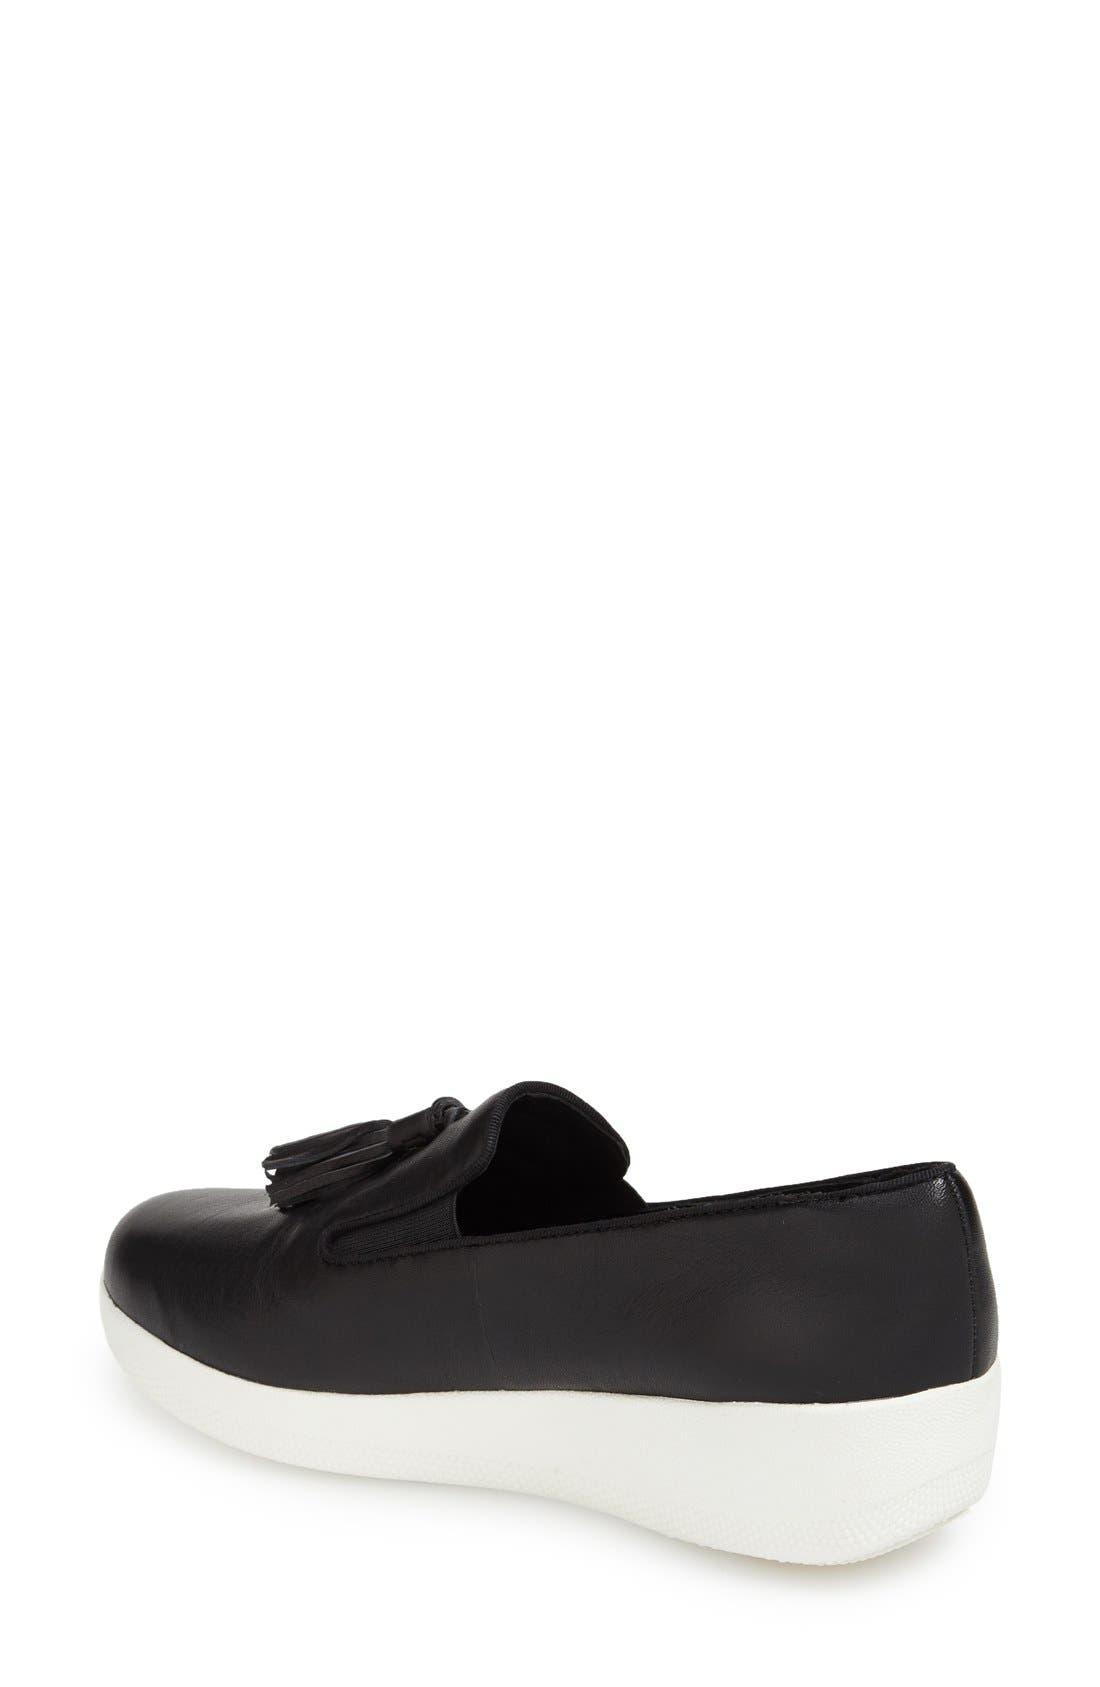 Tassle Superskate Wedge Sneaker,                             Alternate thumbnail 3, color,                             001